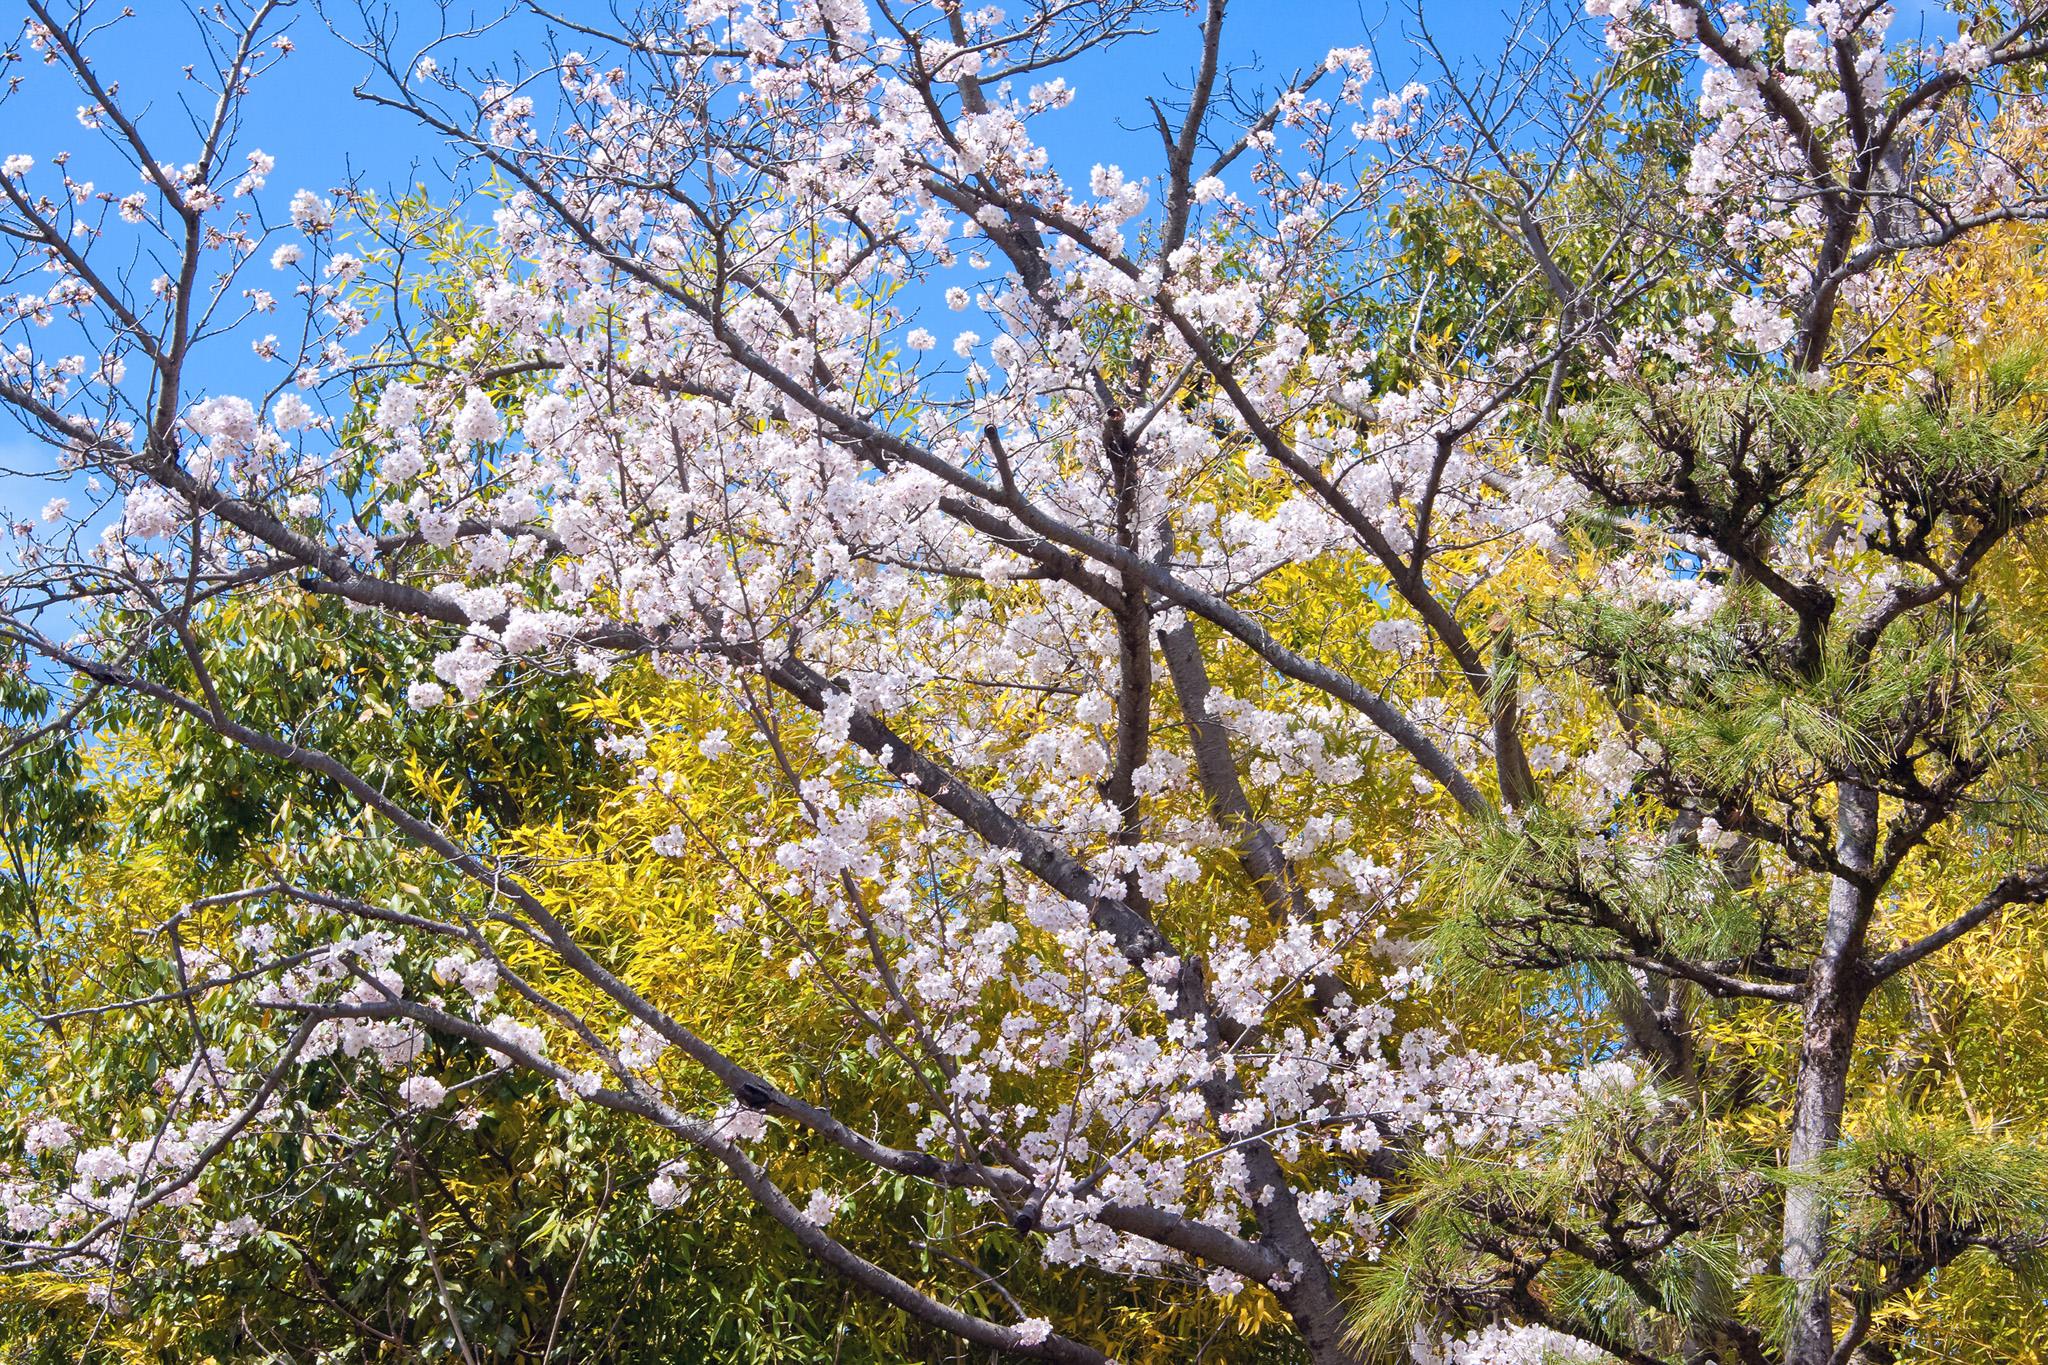 「桜咲く鮮やかな春色の景色」